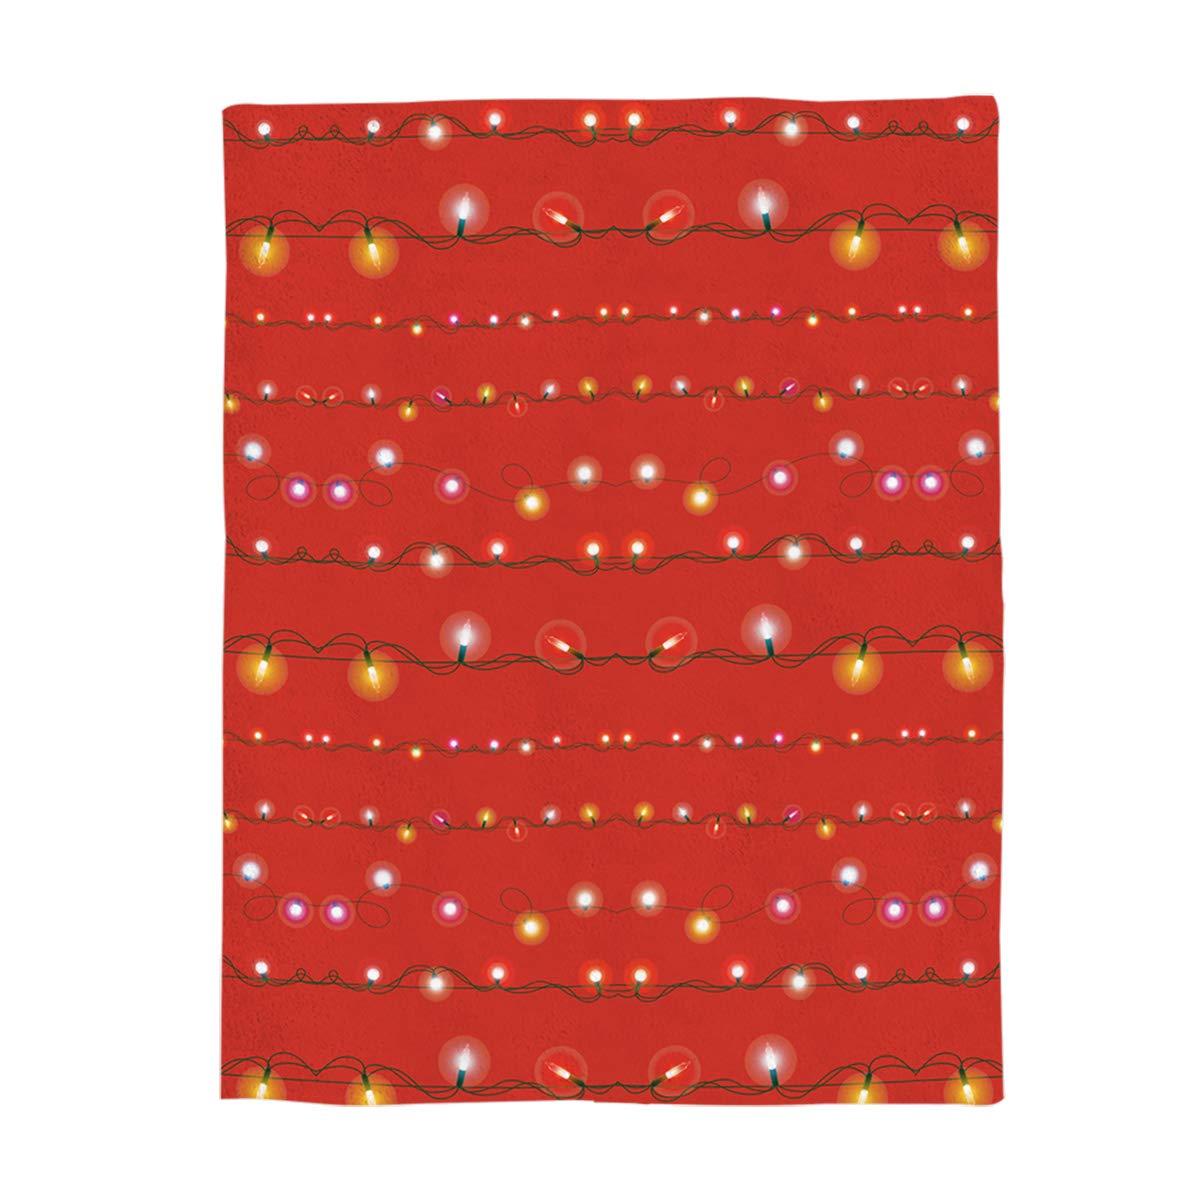 フリーススローブランケット パーソナライズ 冬 クリスマス ホリデー カラフルライト ランプバルブバナー レッドバックドロップデザイン 贅沢 心地良い 暖かい フラシ天 マイクロファイバーブランケット リバーシブル ベッド/カウチ/ソファ用ブランケット 59'' by 78'' 181116ZLYblanketSD-SLXM02425MTADSDY B07KW19D3S Christmas 1639lsdy5918 59'' by 78''